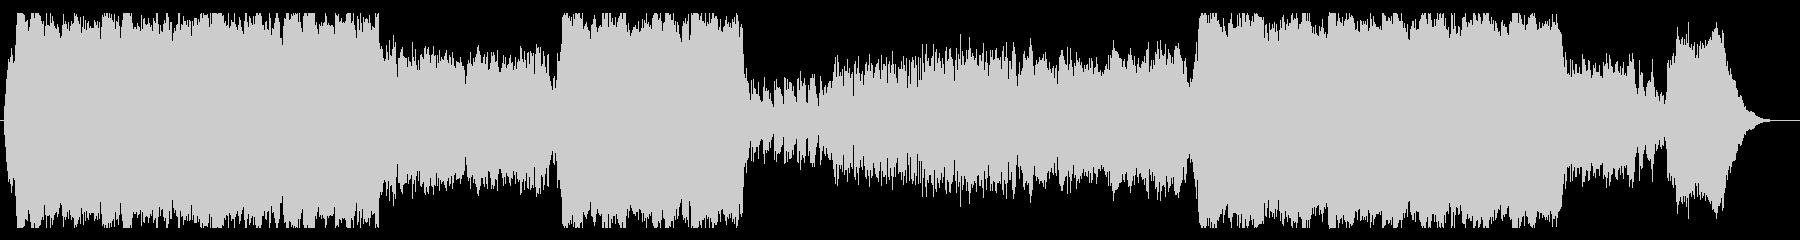 壮大な印象のコンピューターミュージックの未再生の波形